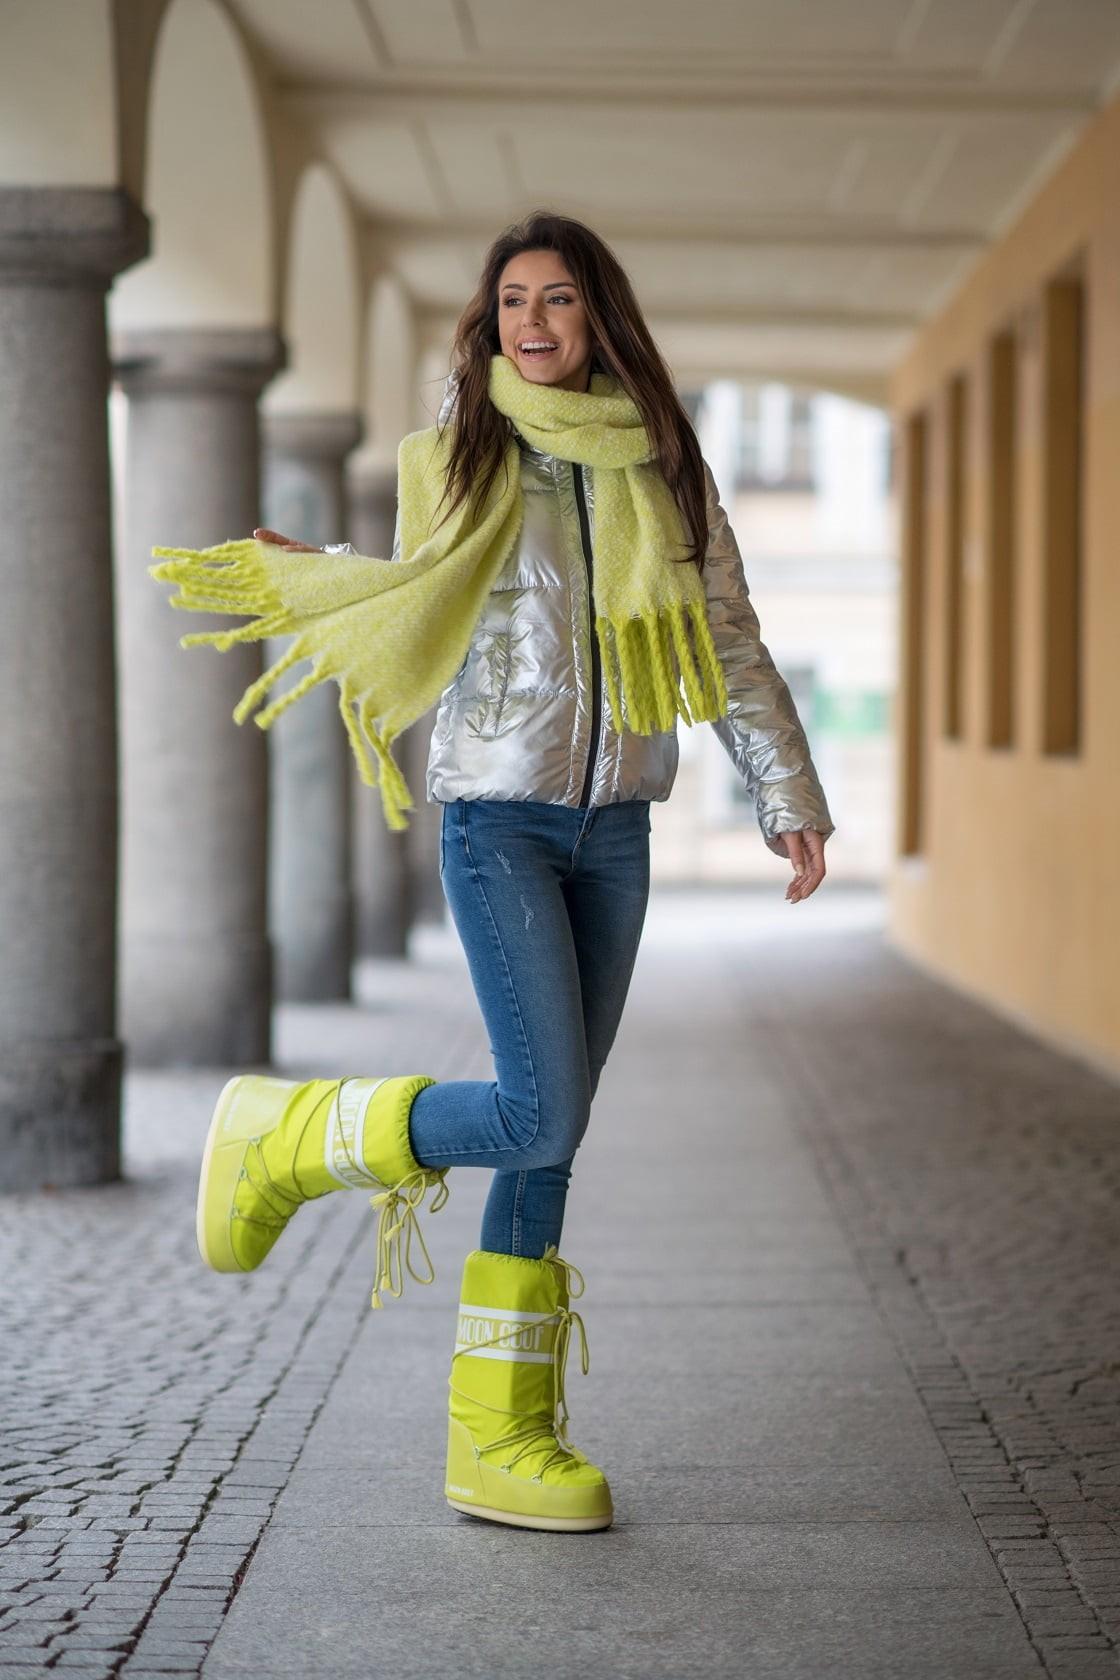 Zimowa stylizacja z moon boots i srebrną kurtką.